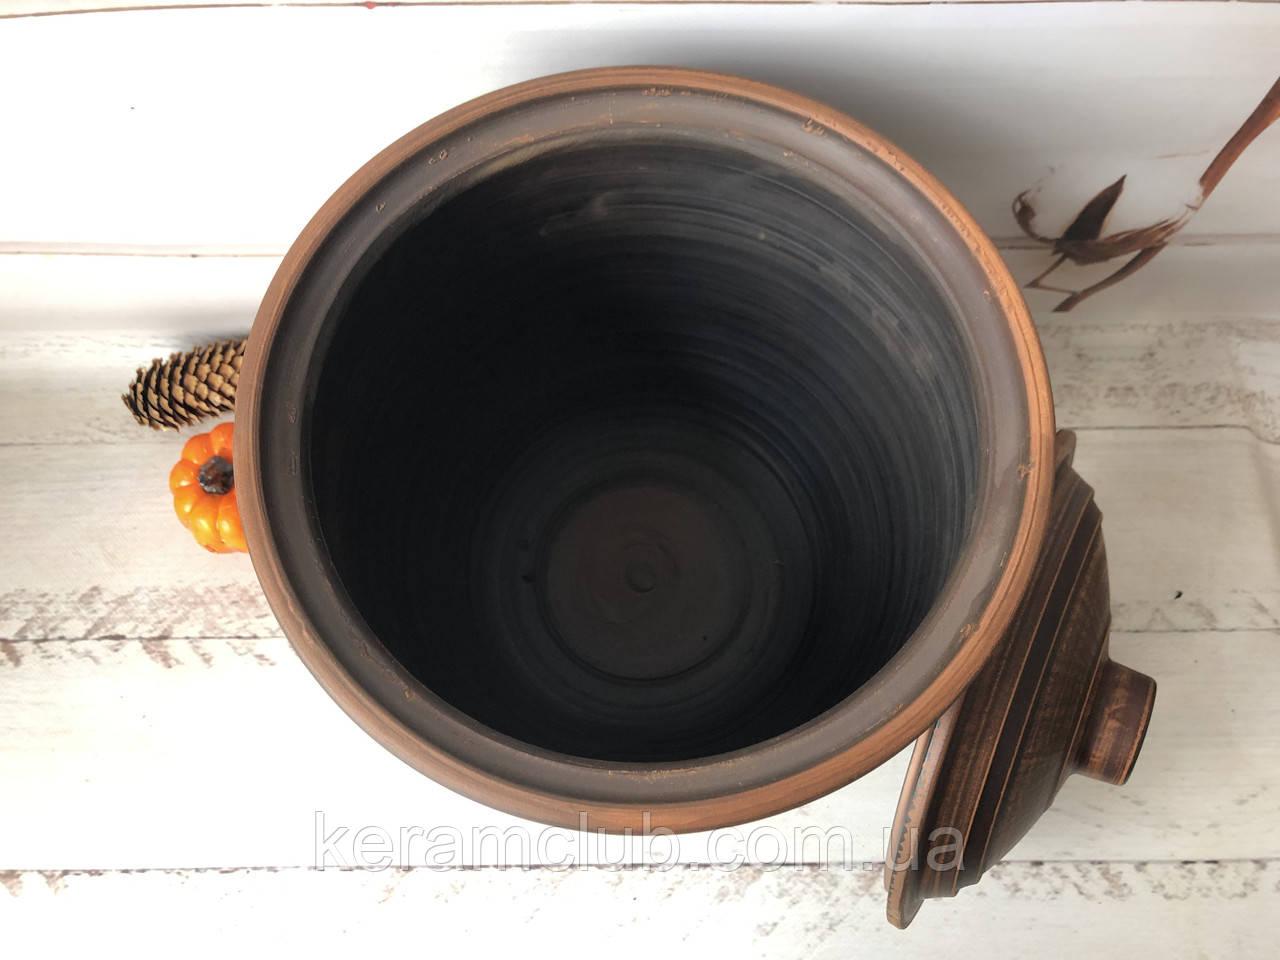 Бочка для солений 10 л красная глина - фото 2